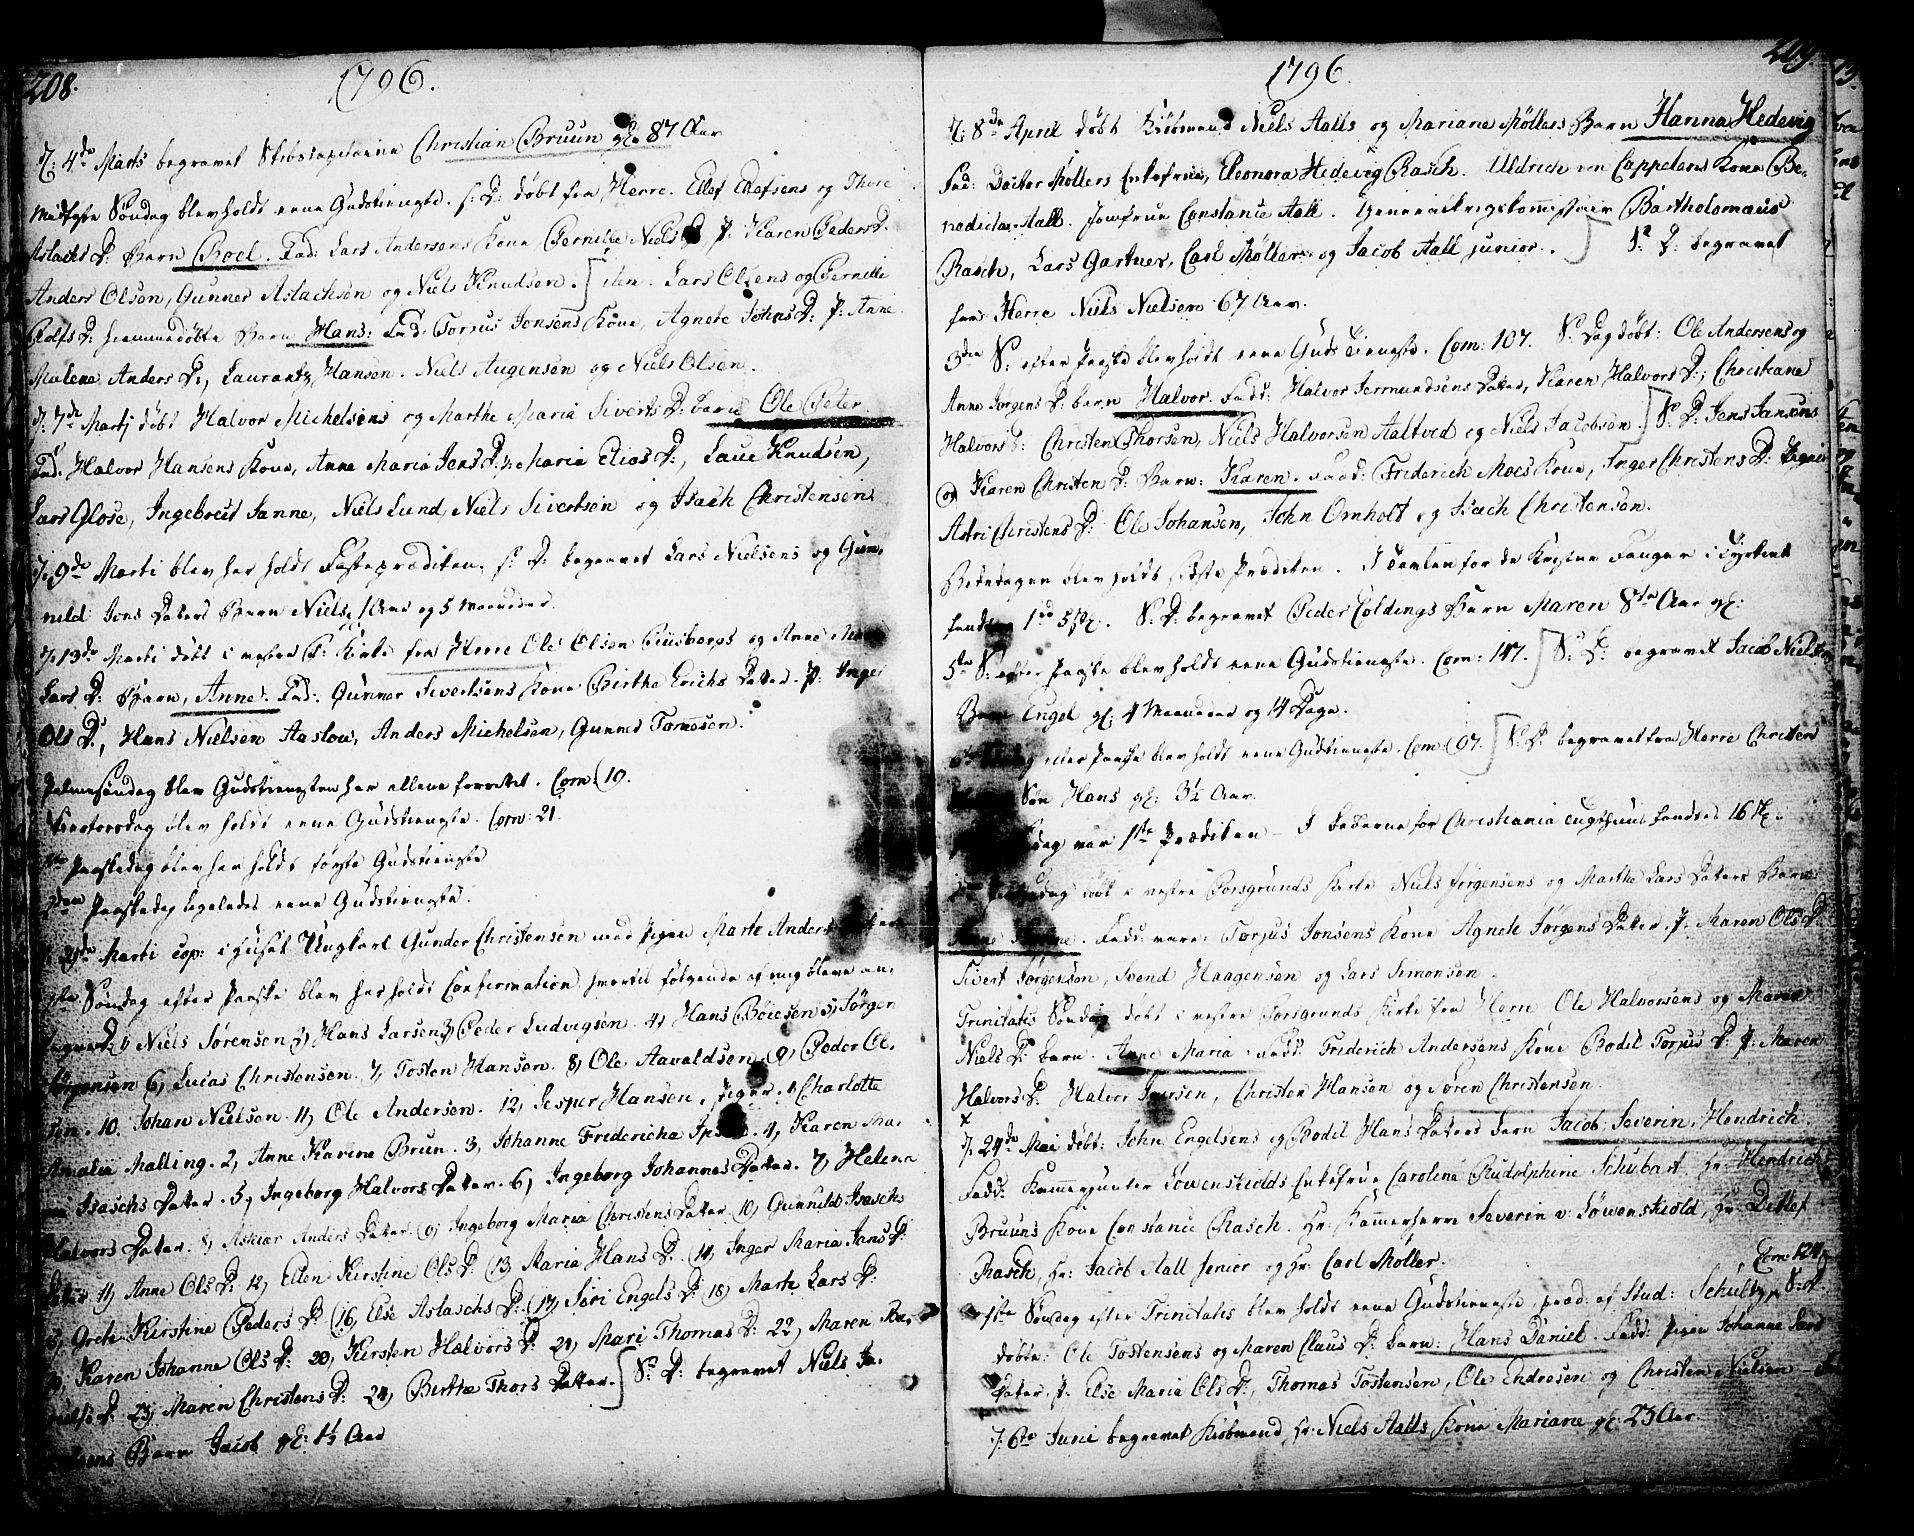 SAKO, Porsgrunn kirkebøker , F/Fa/L0002: Ministerialbok nr. 2, 1764-1814, s. 208-209